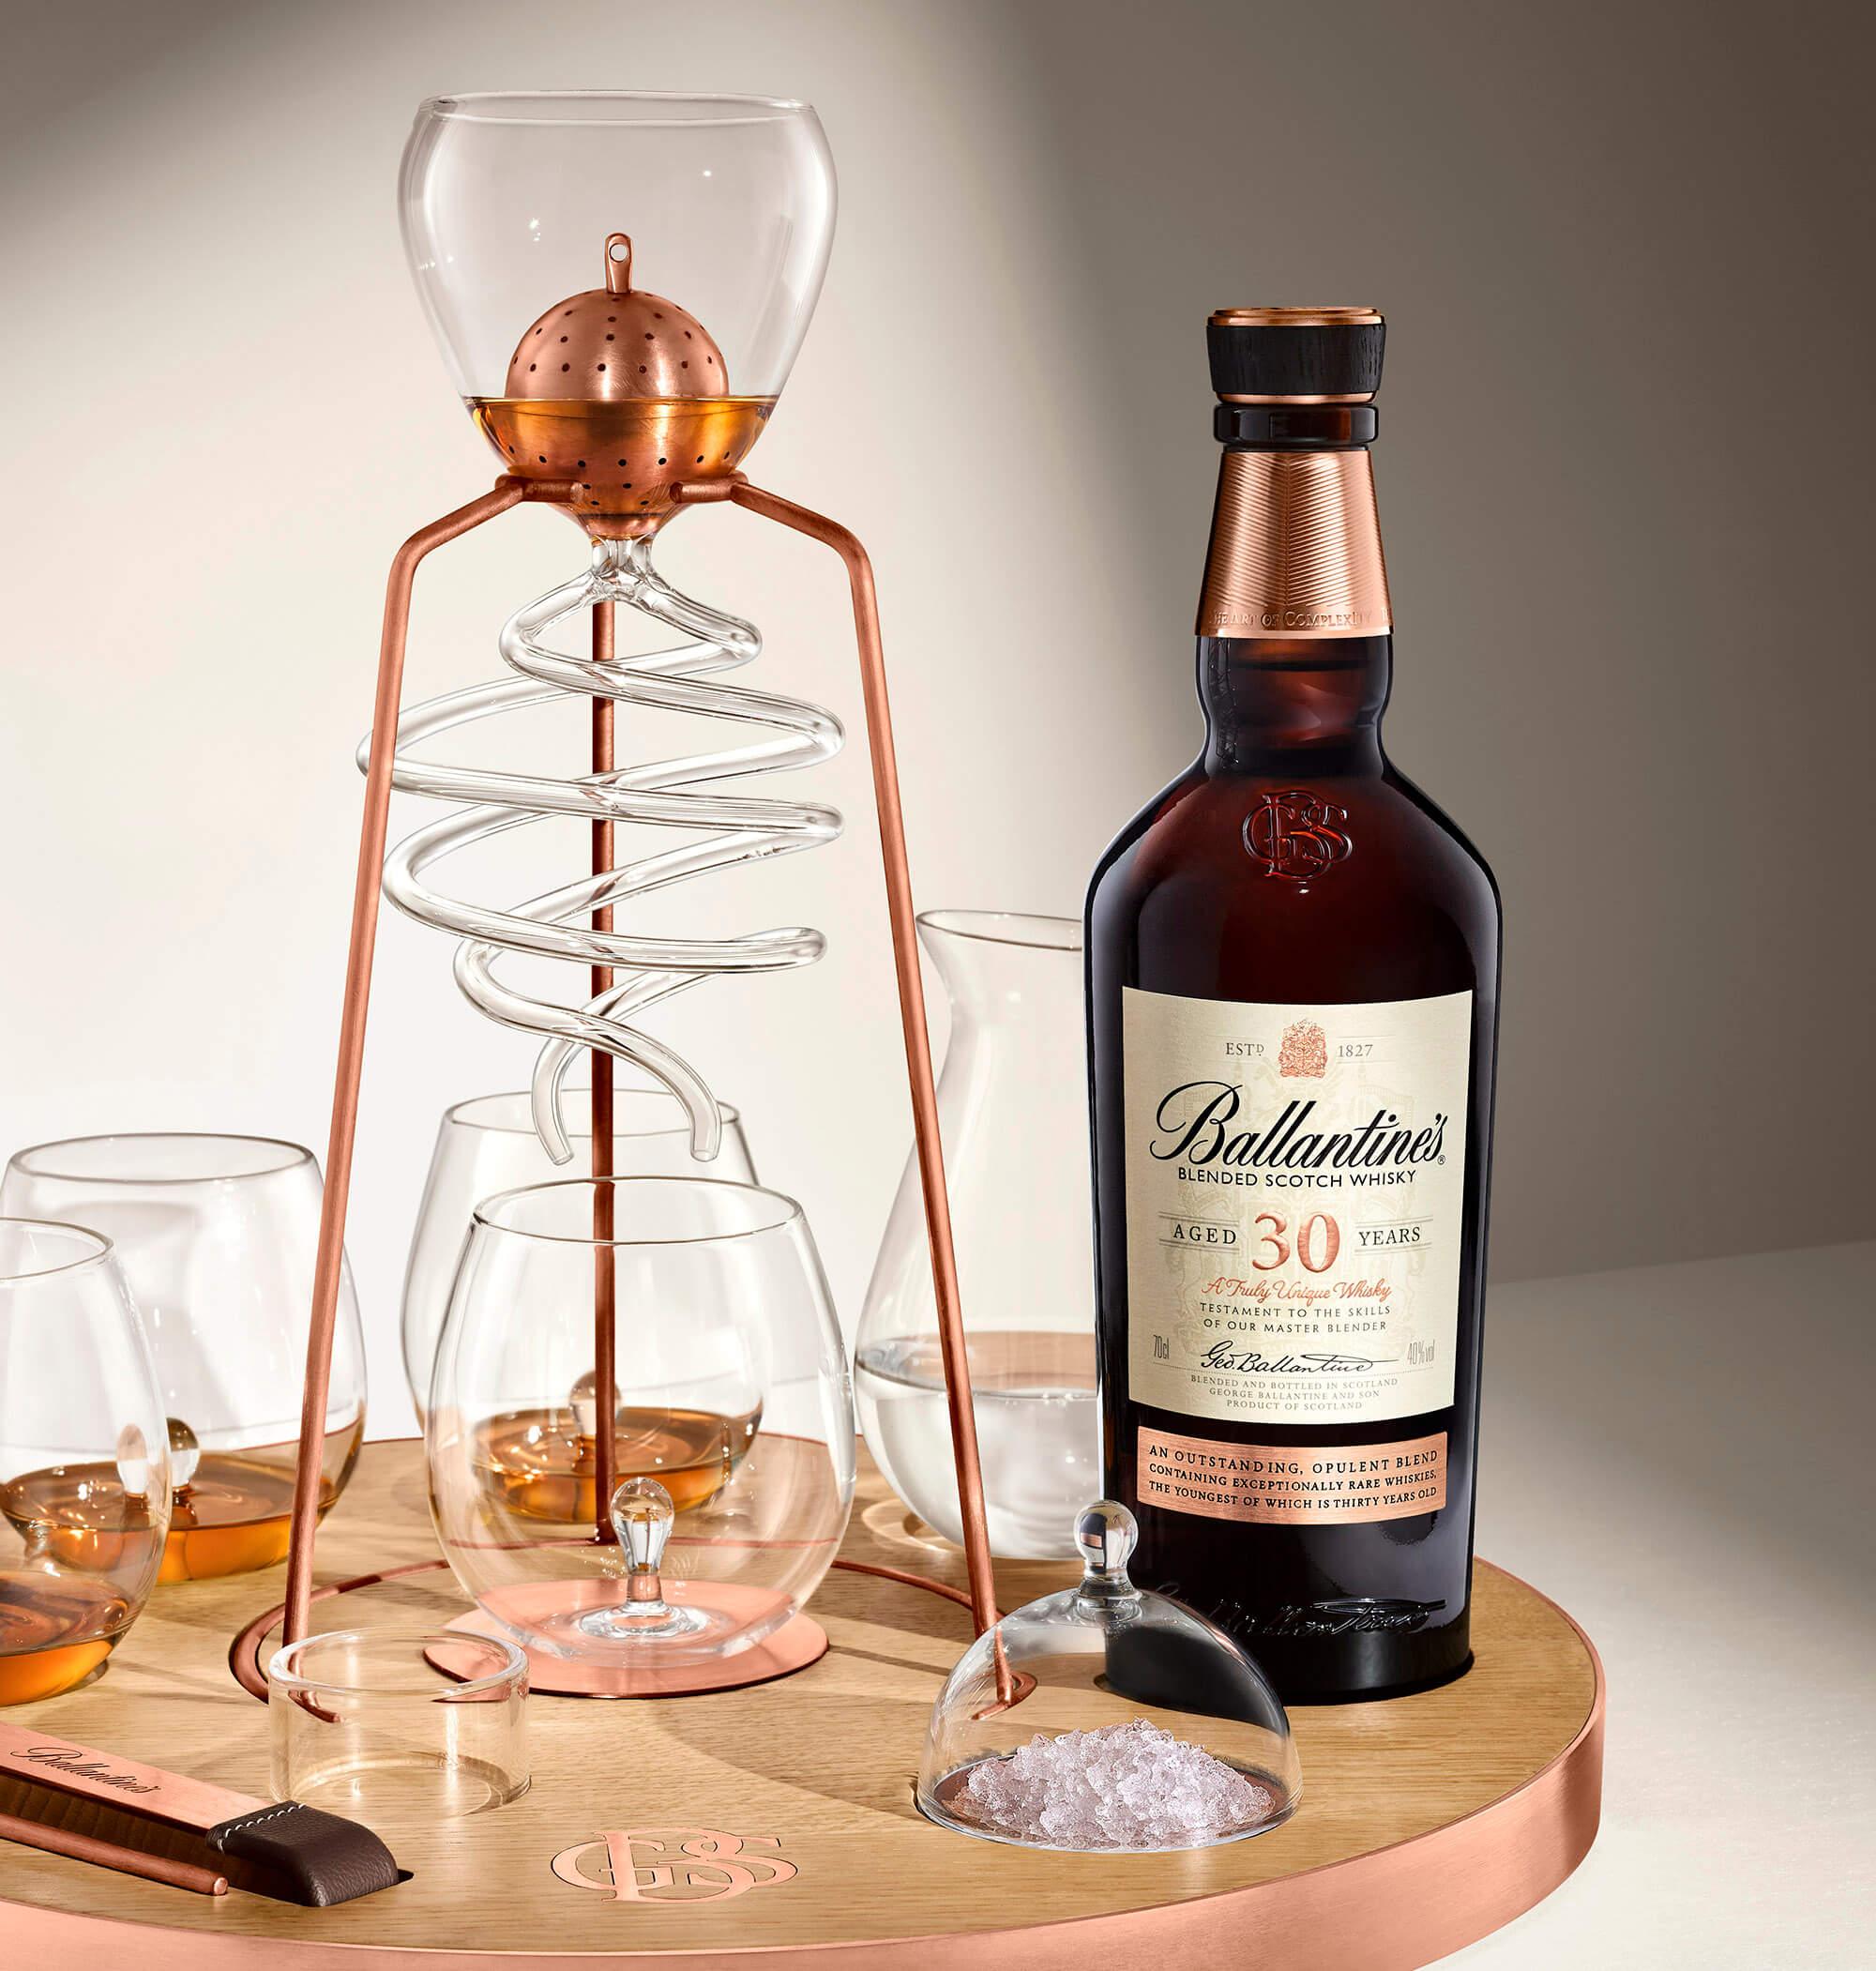 đặc tính của rượu ballantines 30